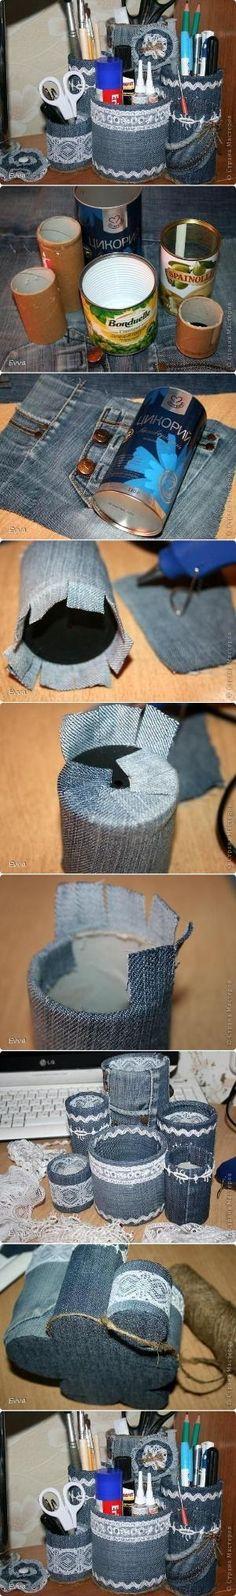 DIY Easy and Quick Organizer reciclando lata com jeans by Katy Clark